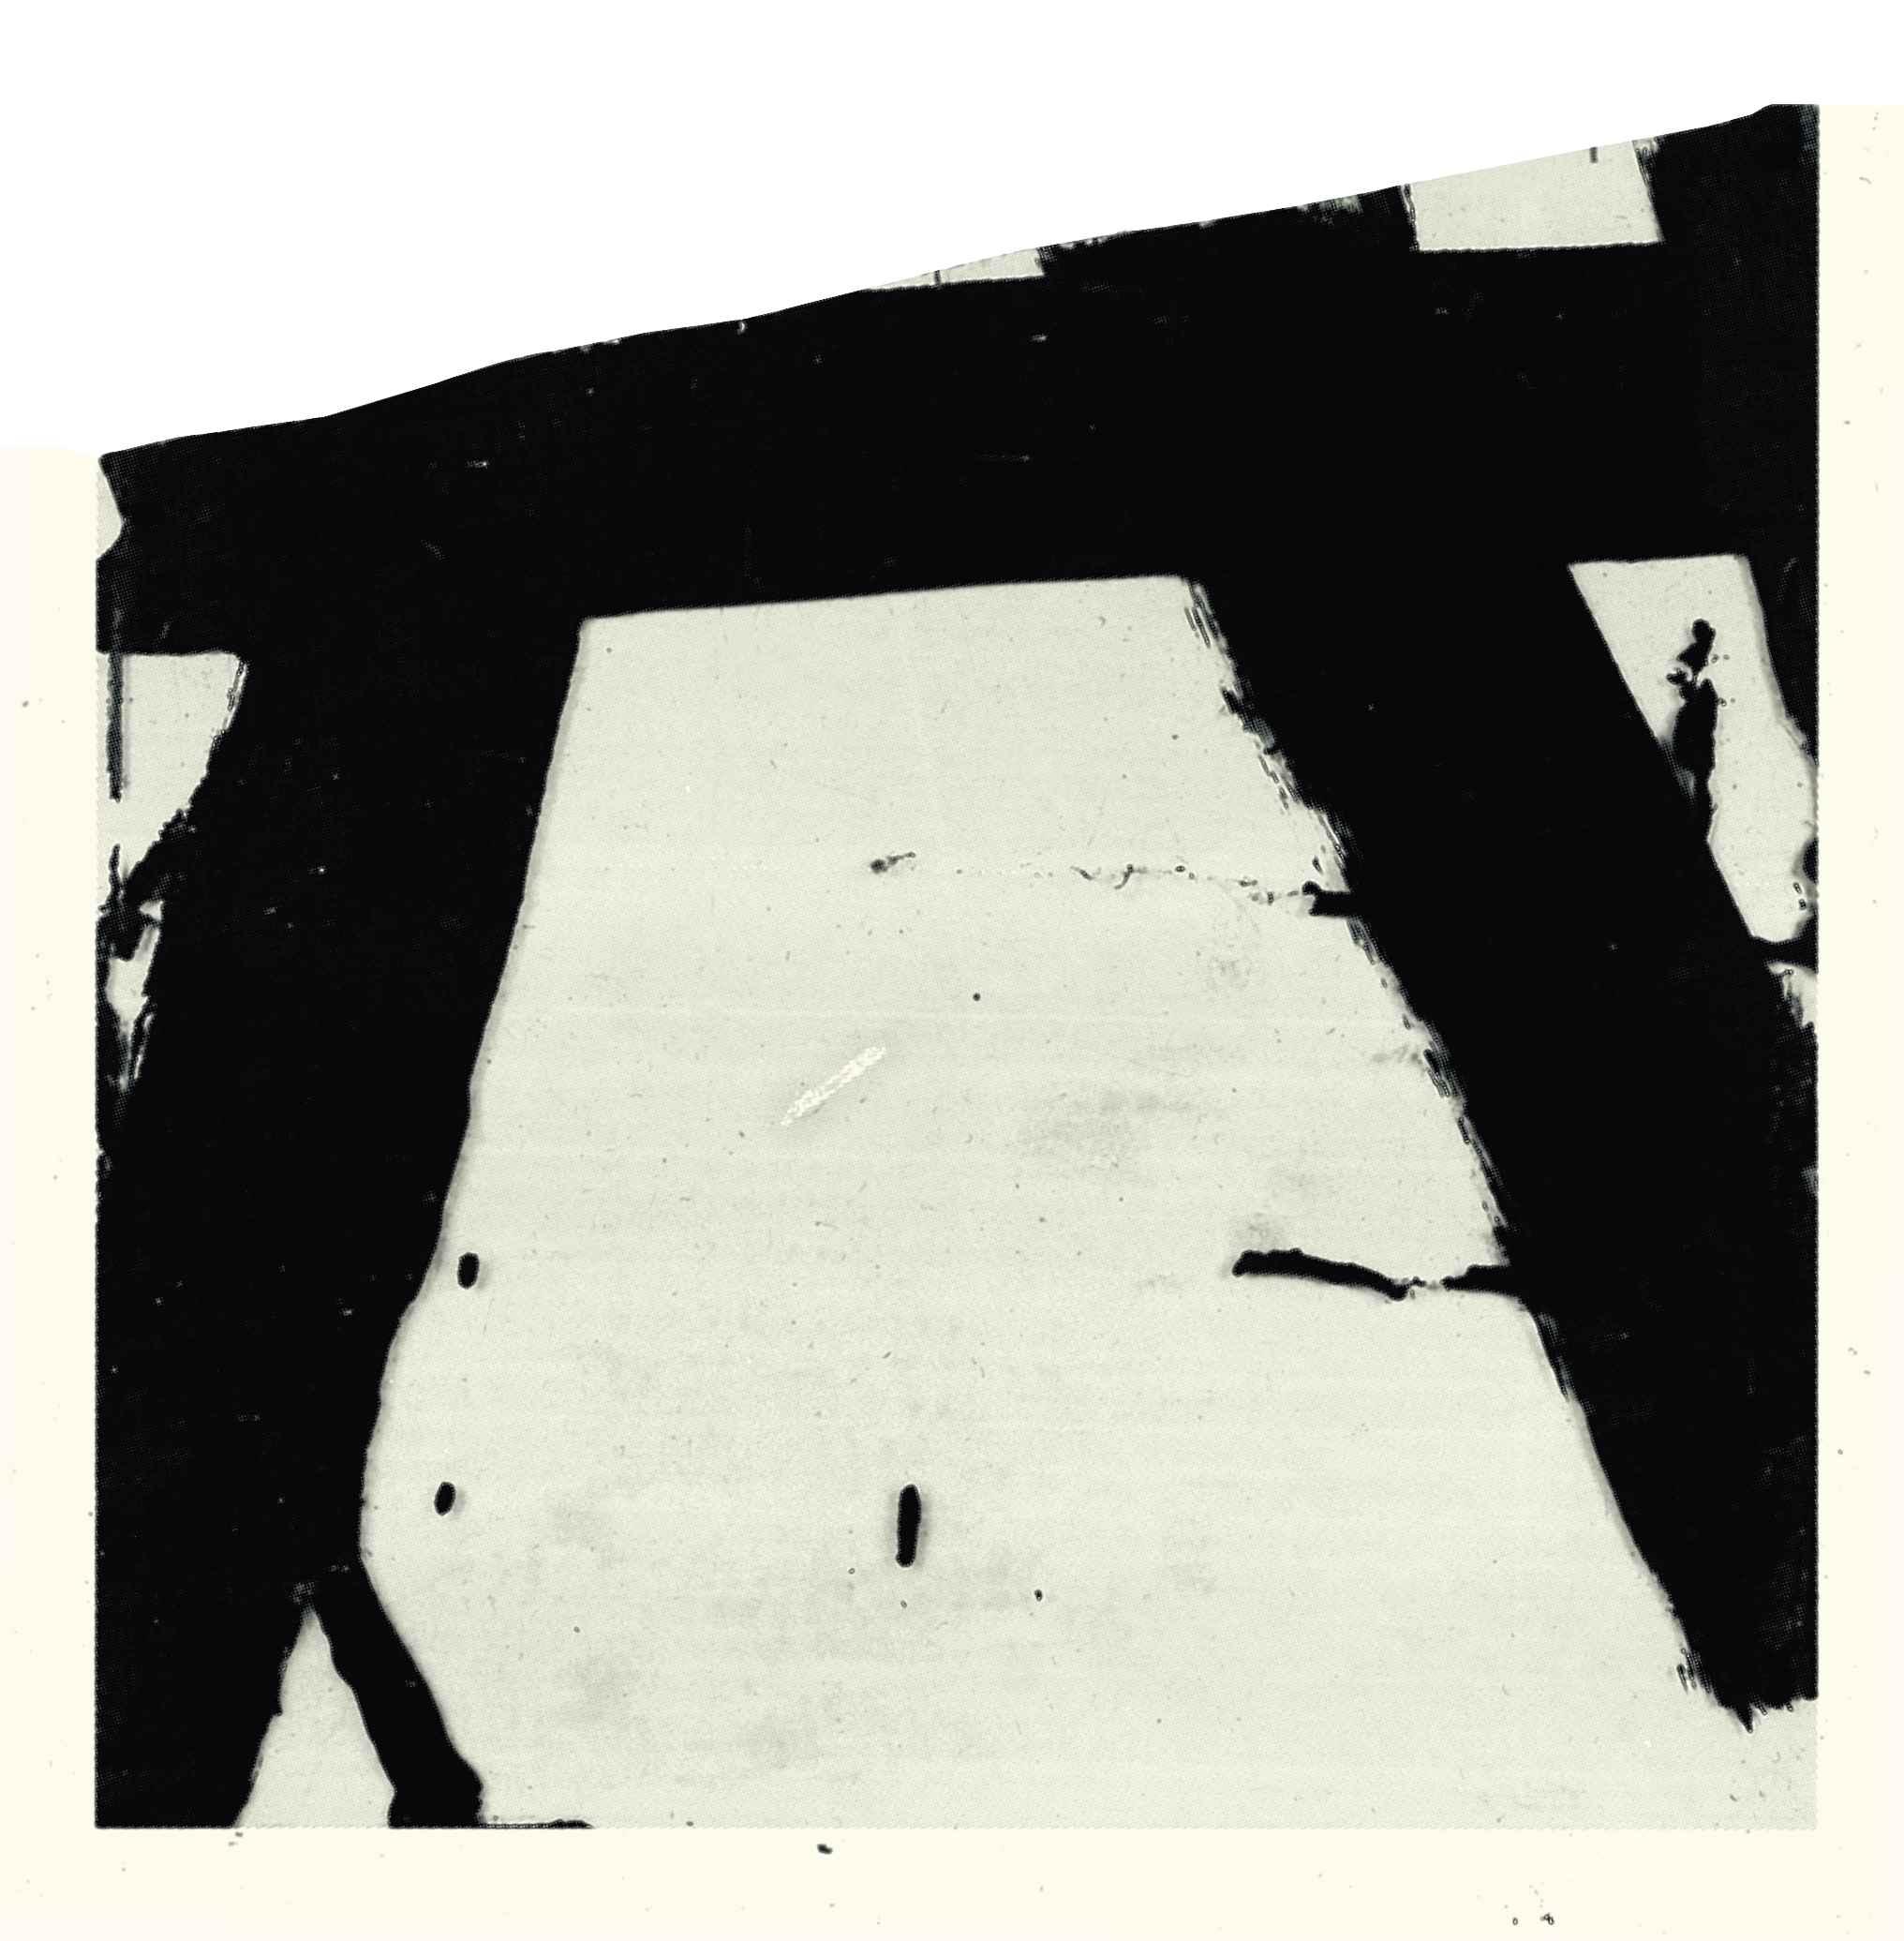 2_pierre-soulages_goudron-sur-verre_455-x-455-cm_-1948_paris-musee-national-dart-moderne-centre-pompidou–archives-soulages–adagp-paris-2019